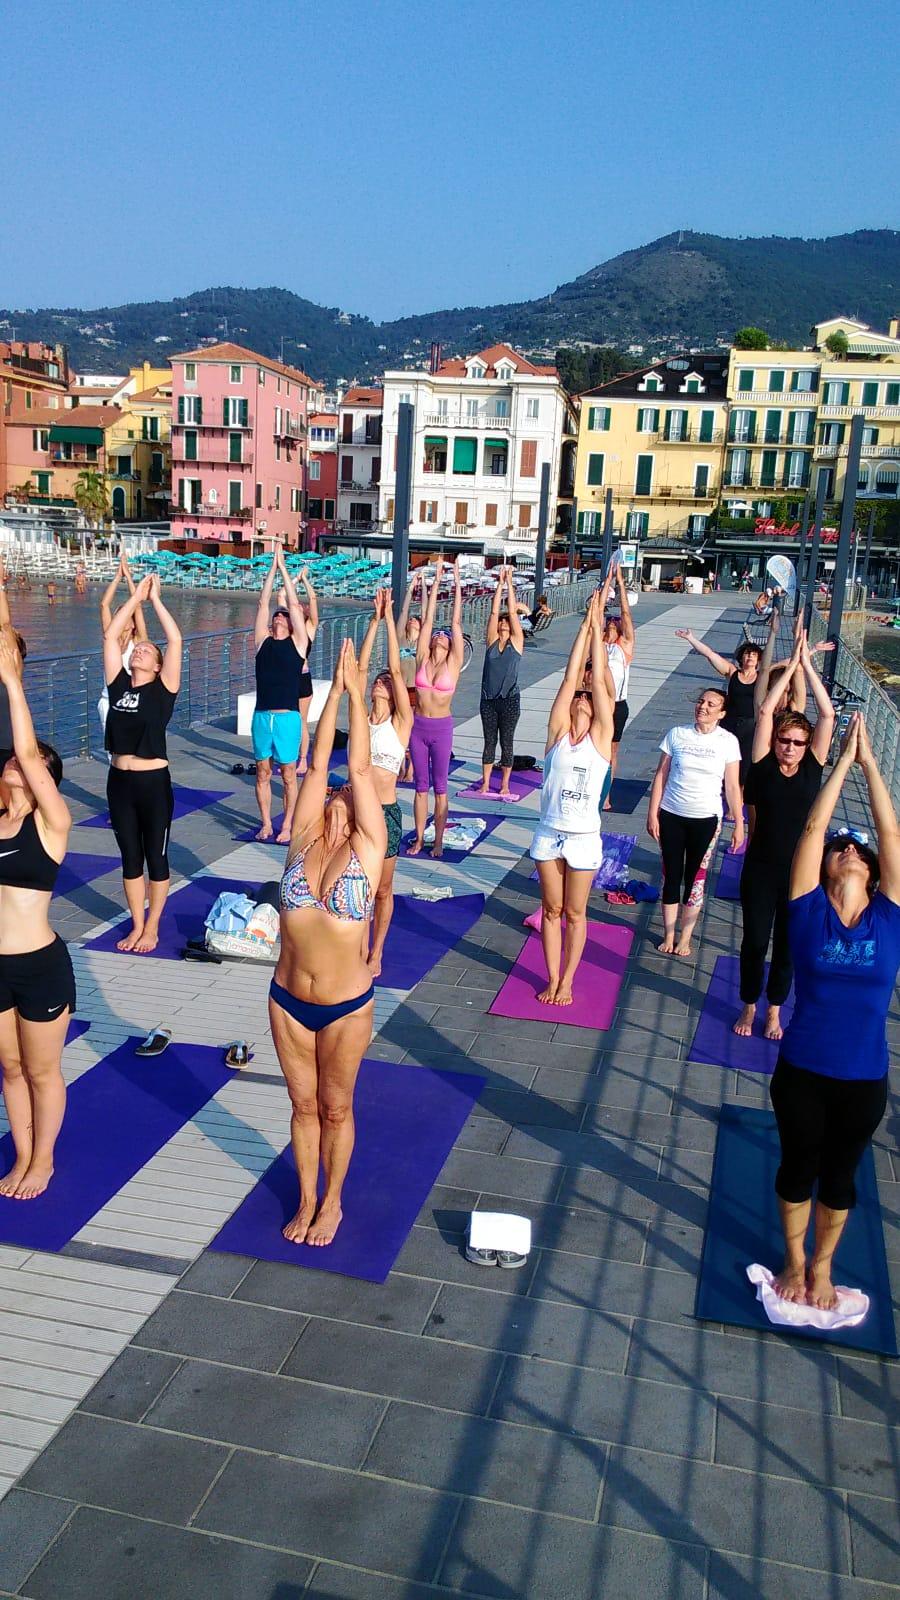 essere-free-yoga-gratuito-benessere-per-tutti-village-citta-alassio-estate-lucia-ragazzi-summer-town-wellness-095